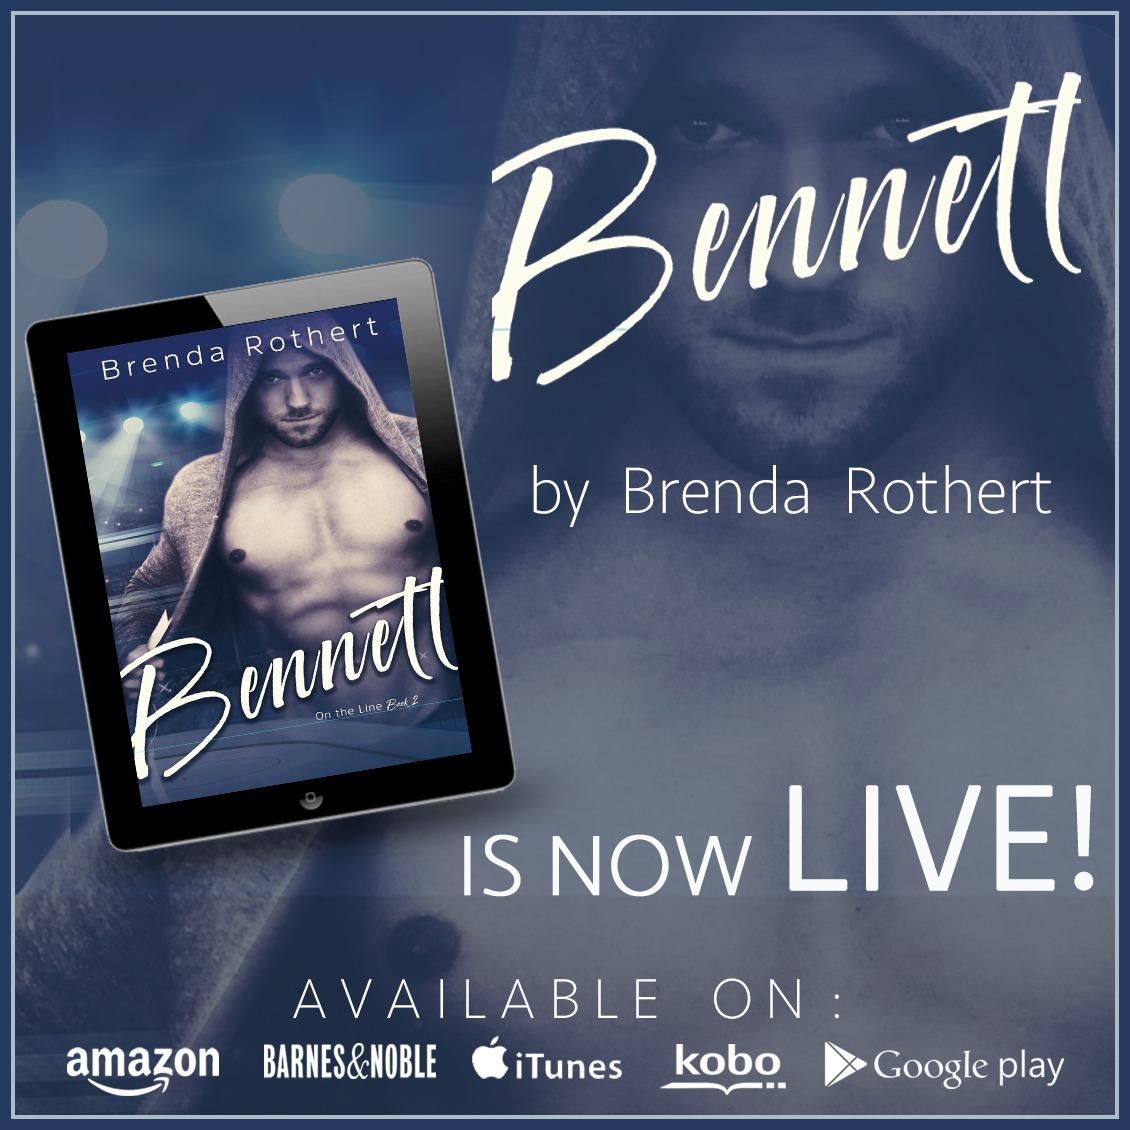 BENNETT_IG2